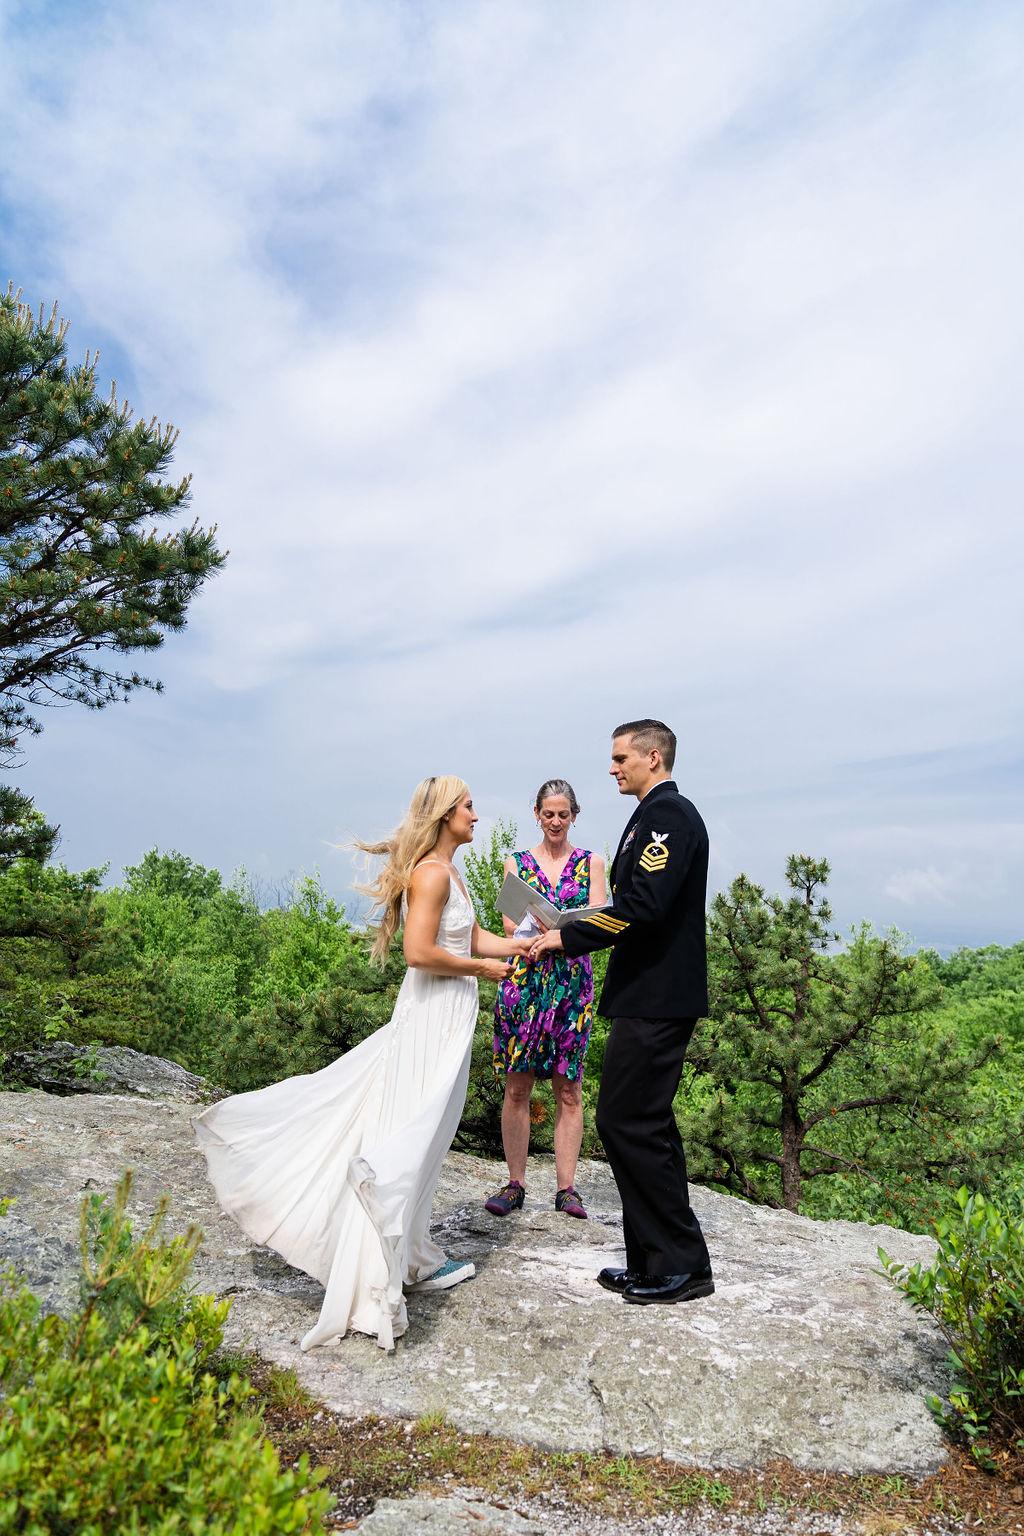 StefanieKamermanPhotography-AllieandBrian-ZionSpringsElopement-RoundHill,Virginia-109